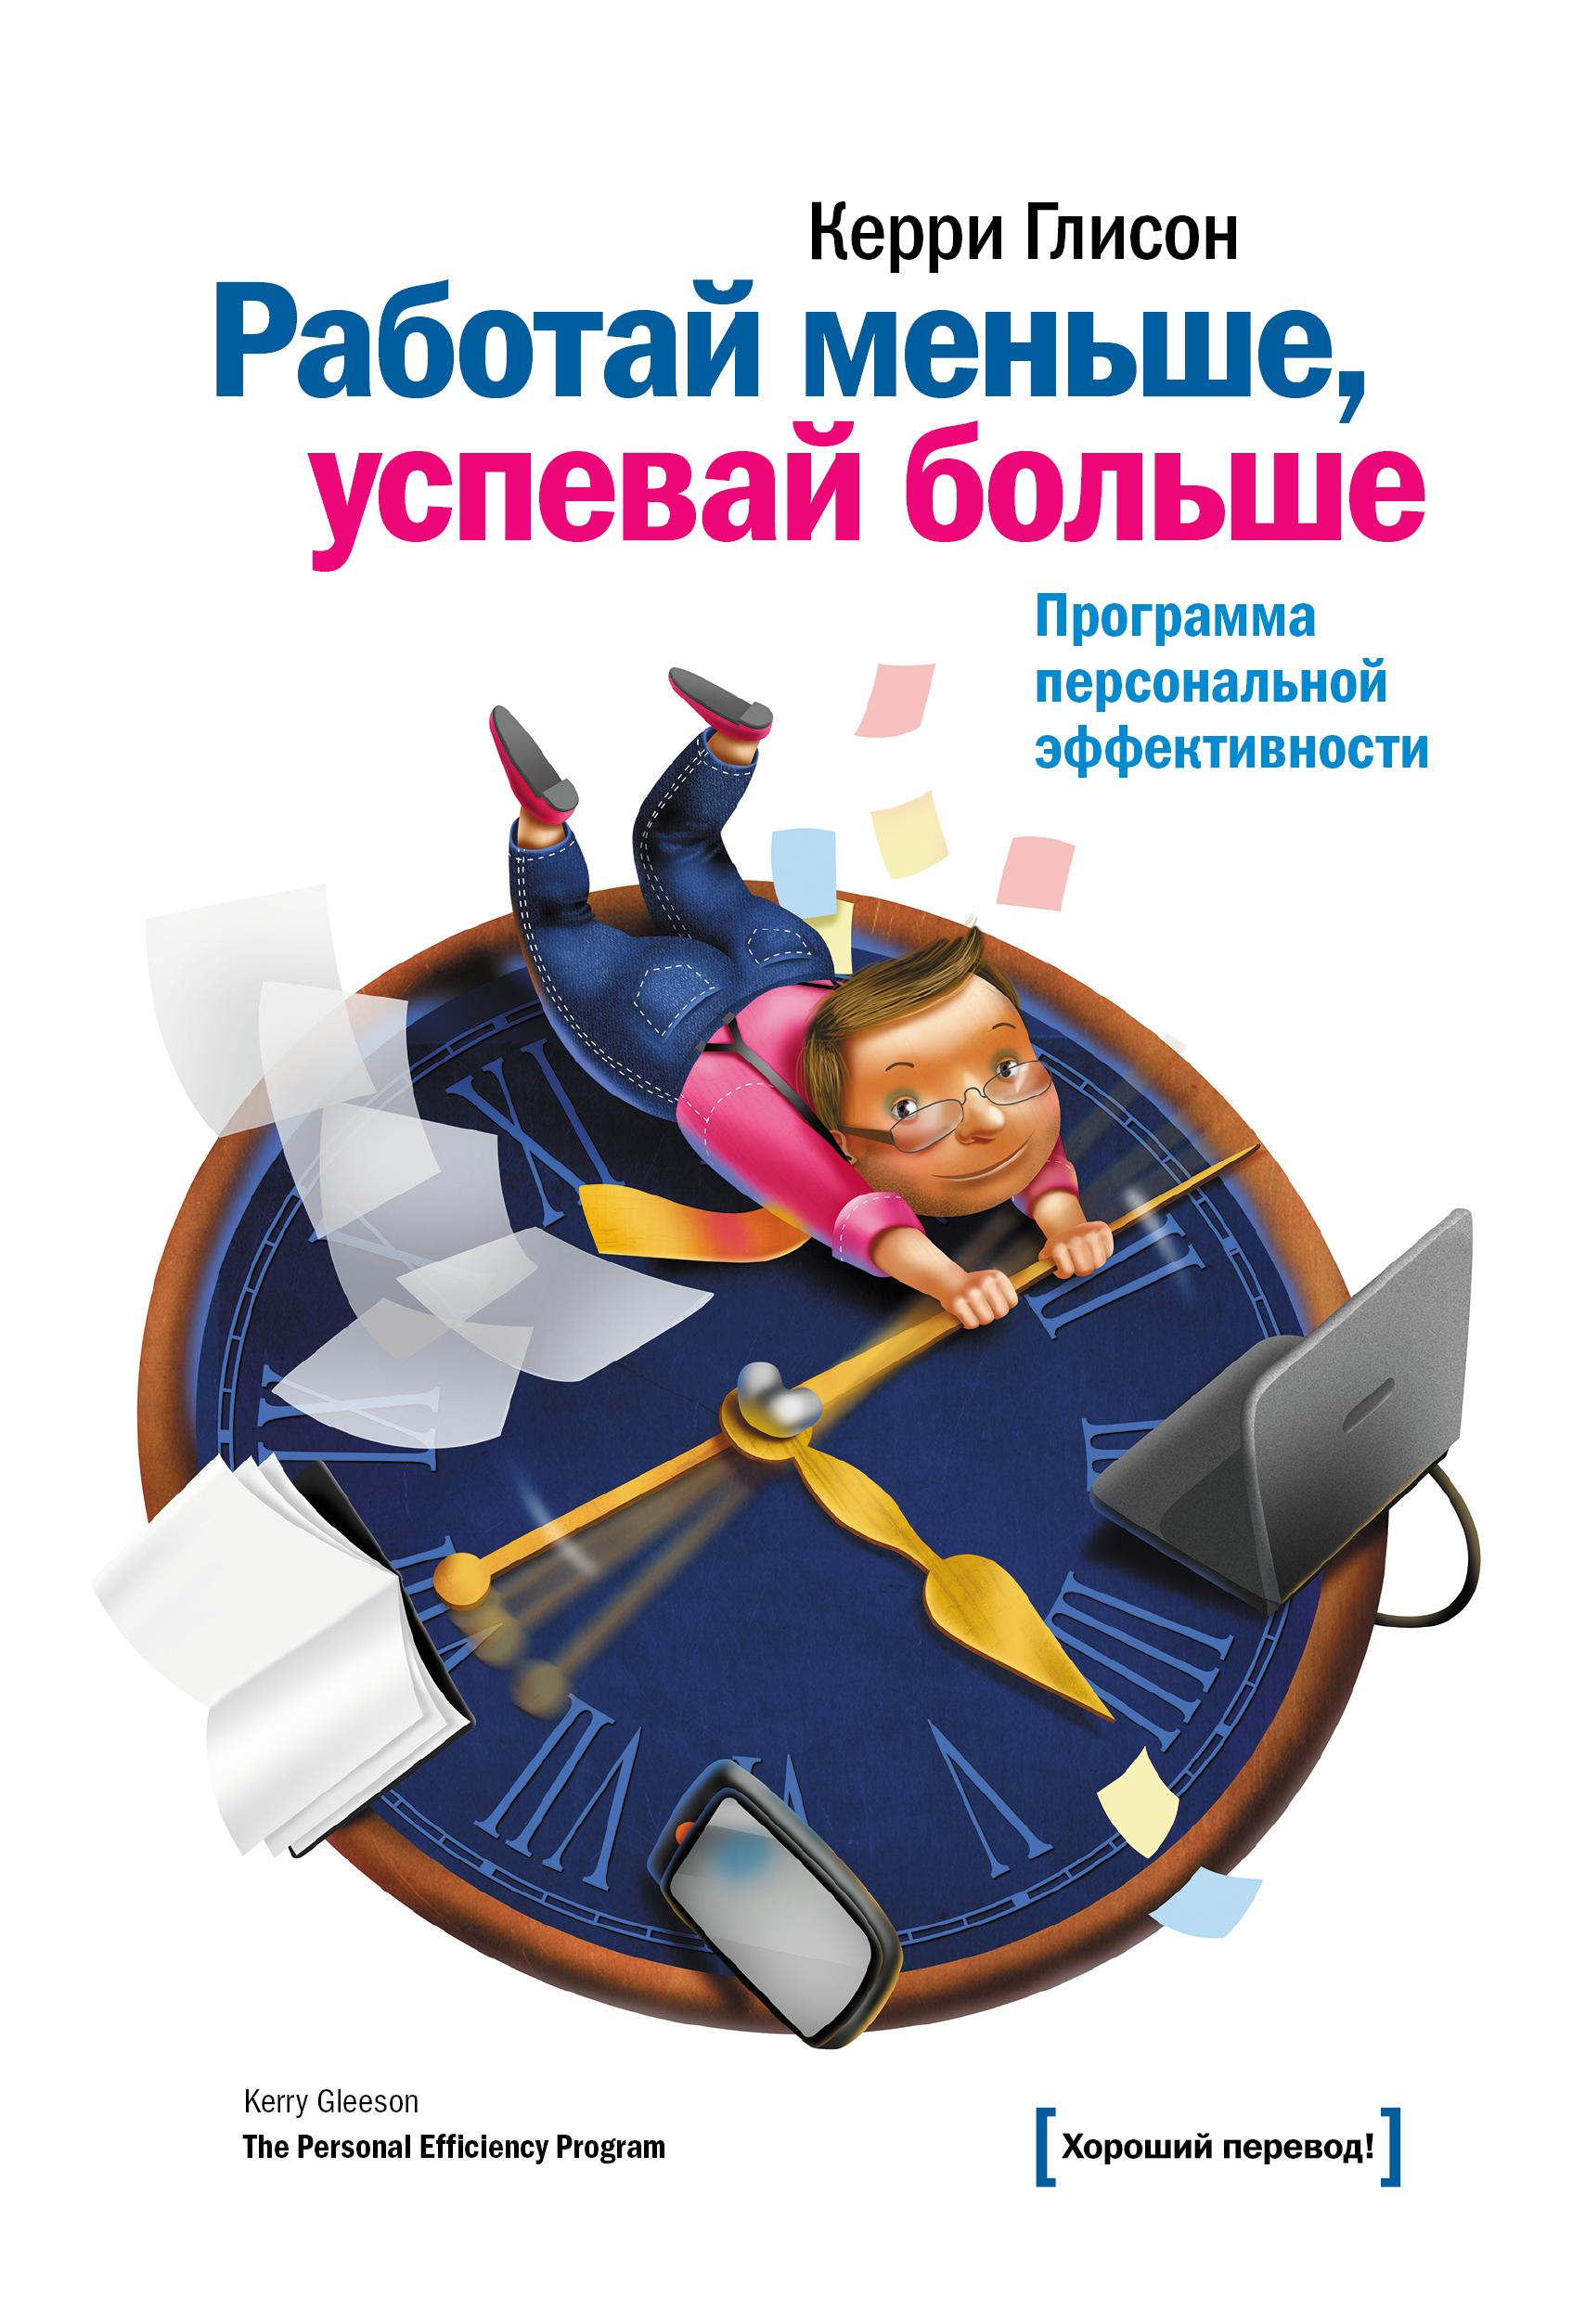 Работай меньше, успевай больше. Программа персональной эффективности от book24.ru